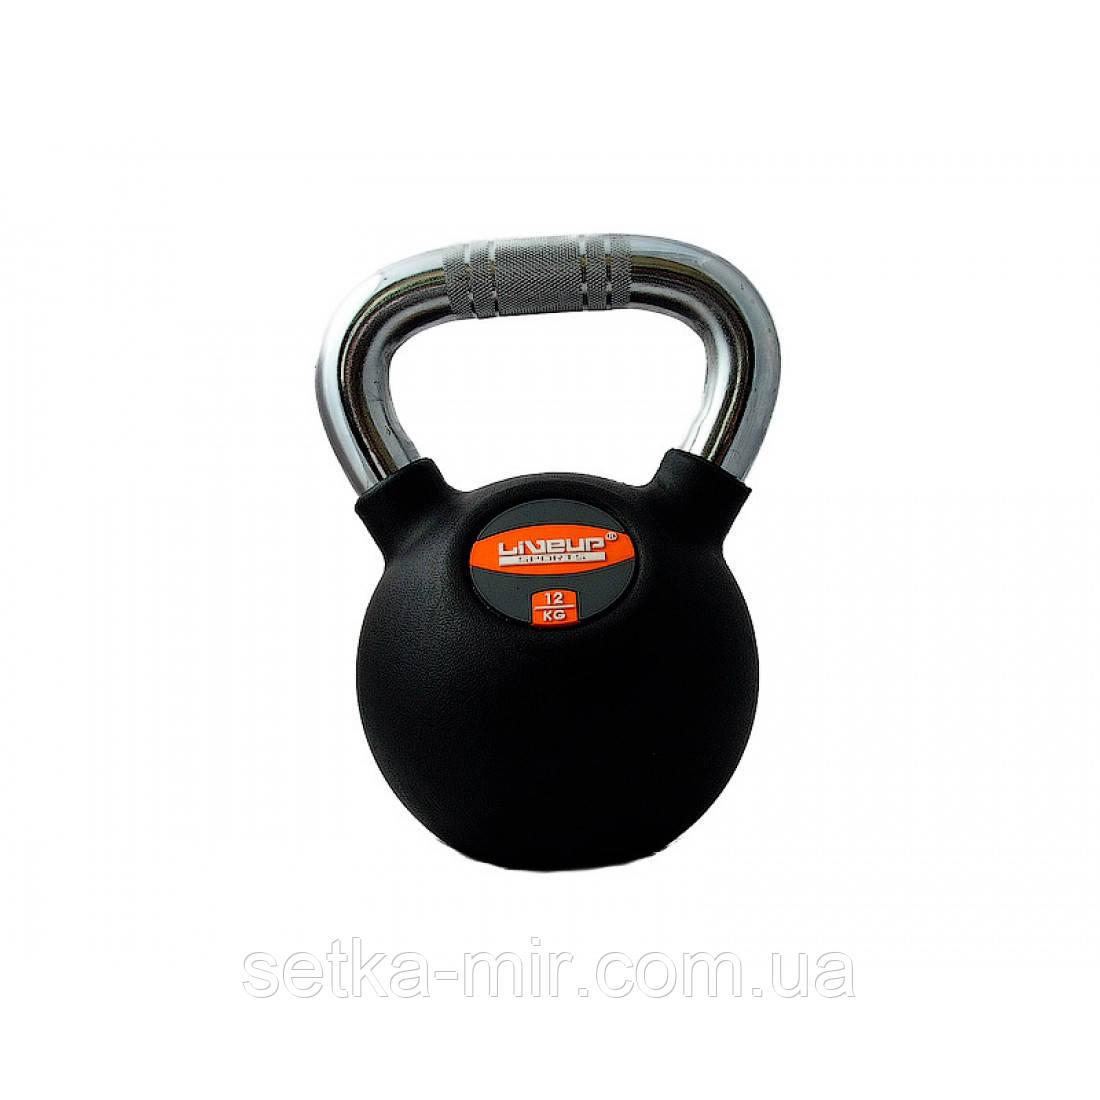 Гиря в резиновой оболочке LiveUp Rubber Kettel Bell, 12 кг